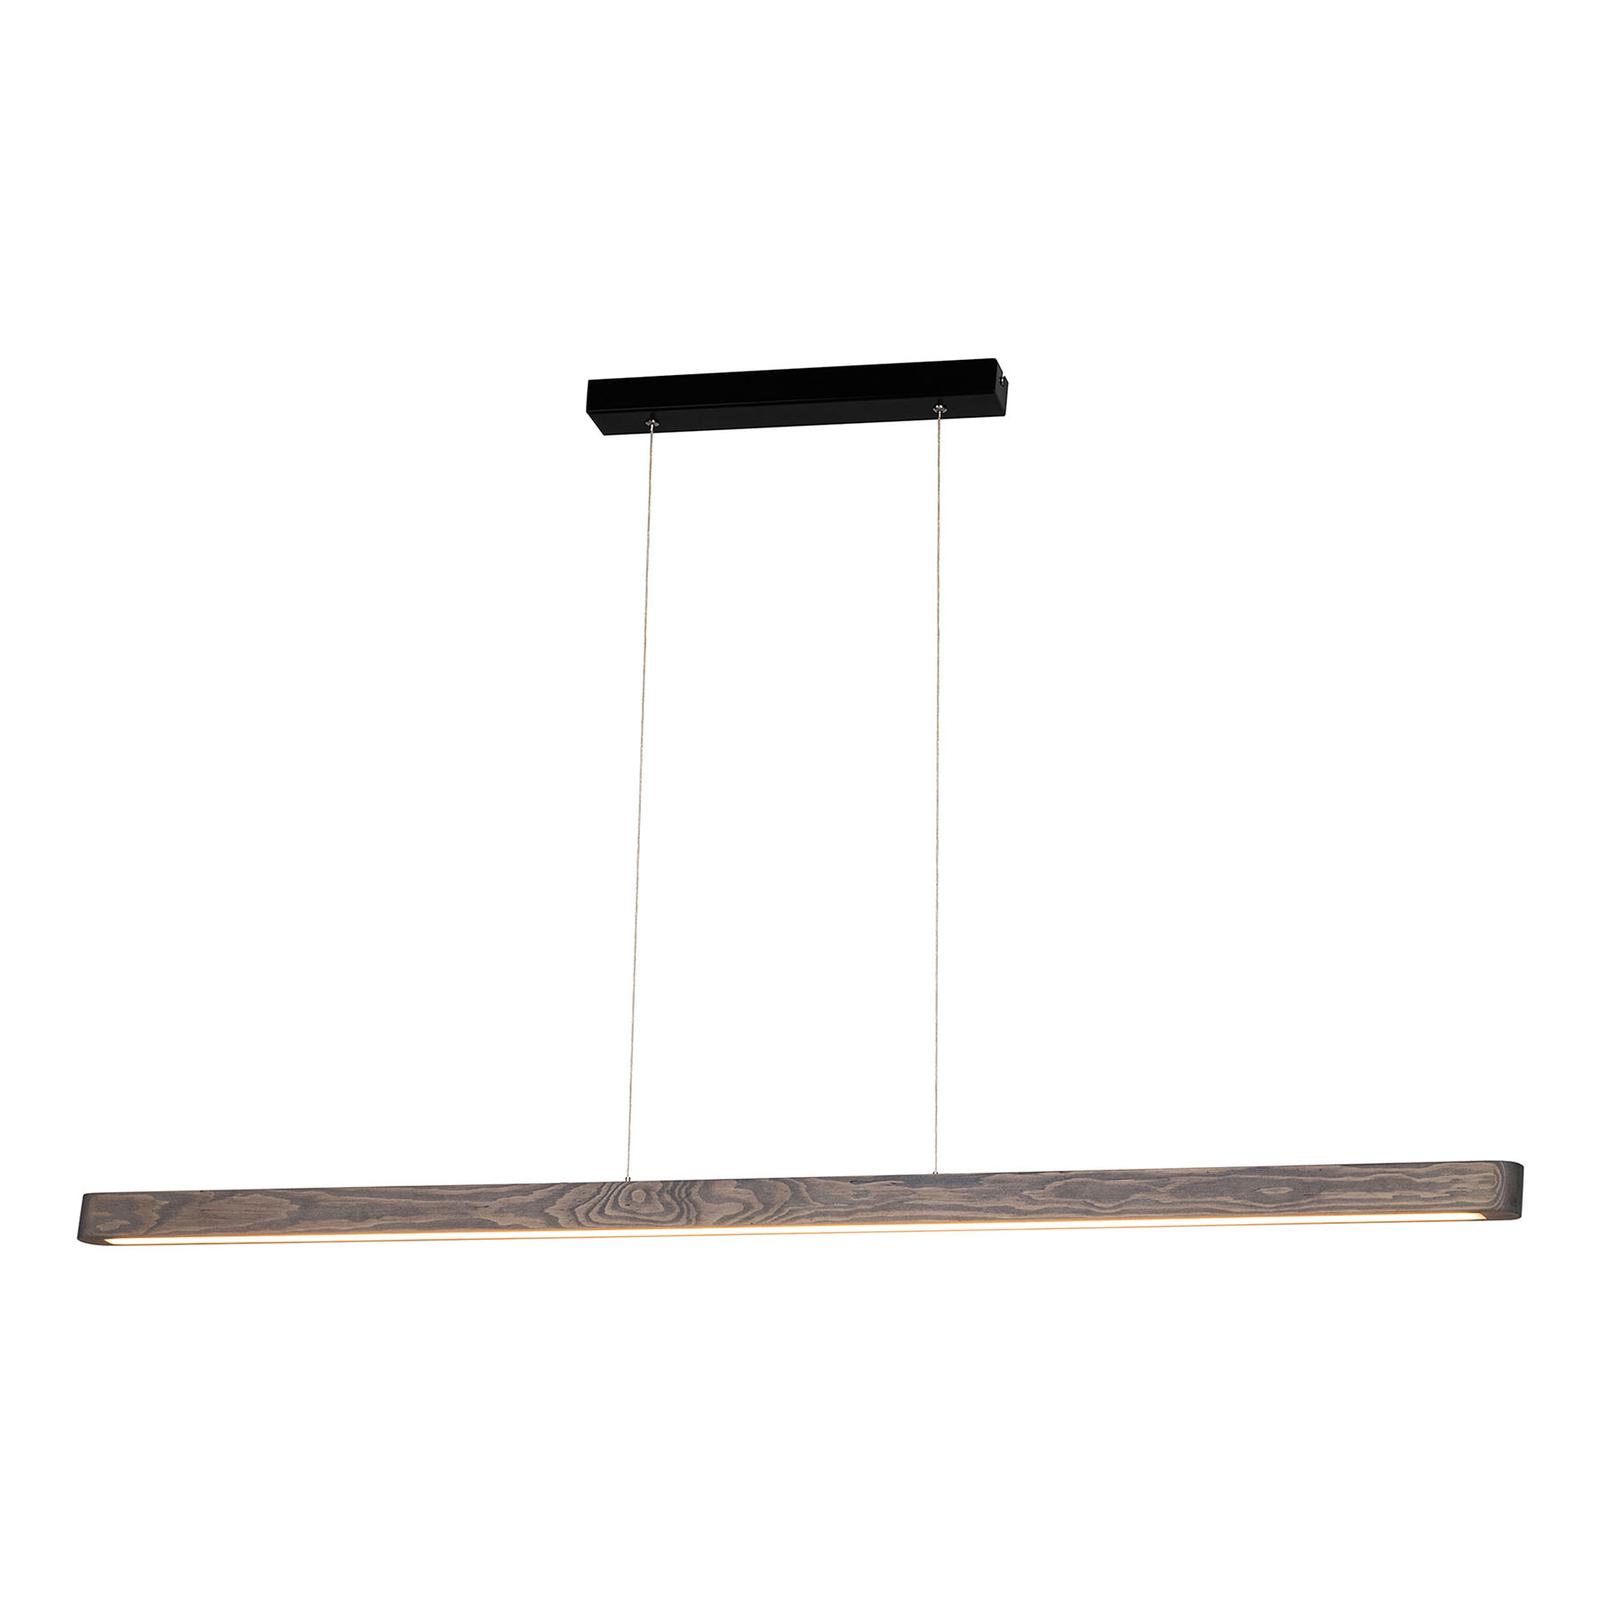 LED-hengelampe Forrestal, 120 cm lang